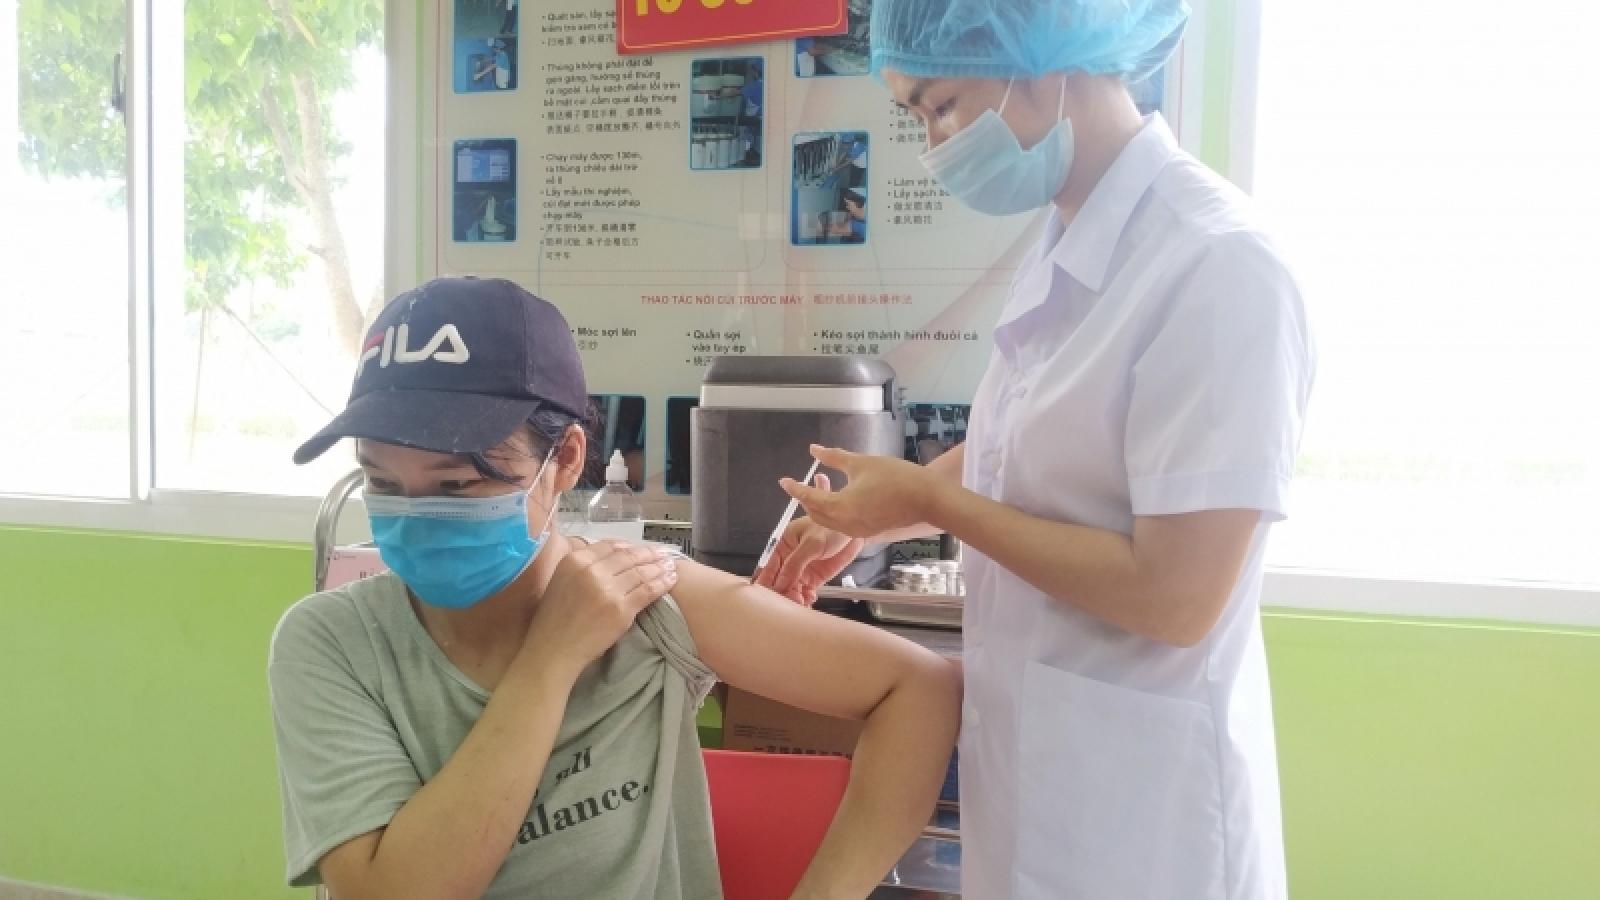 Quảng Ninh phấn đấu hoàn thành tiêm mũi 2 vaccine Covid-19 cho người dân trong tháng 10